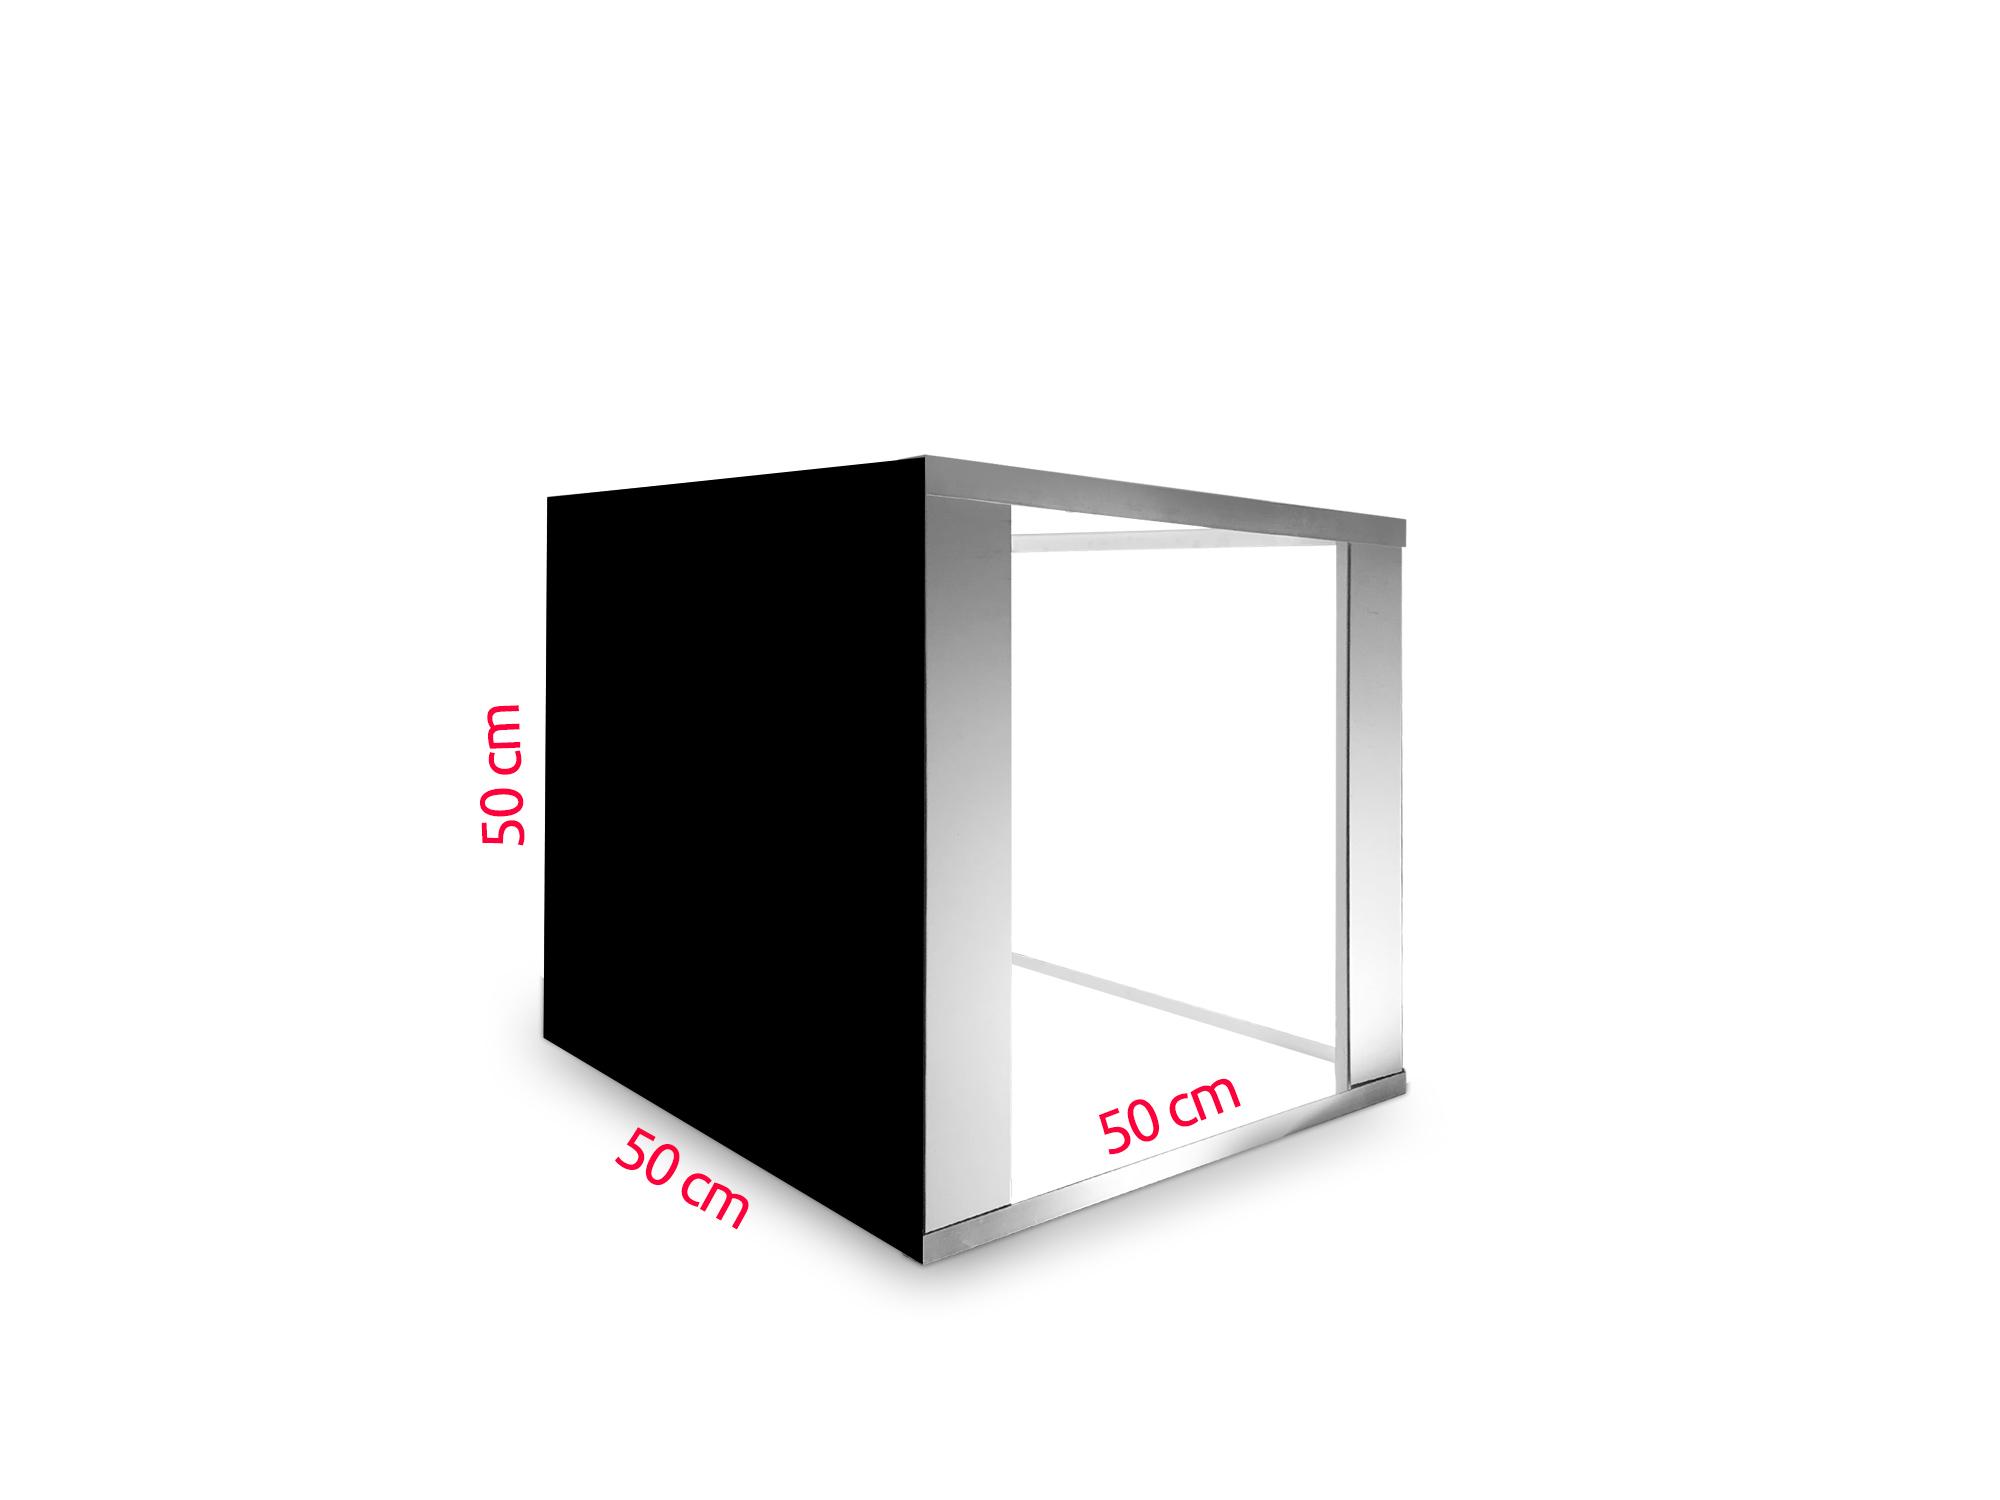 fotobox-f50 Fotobox Pro F50